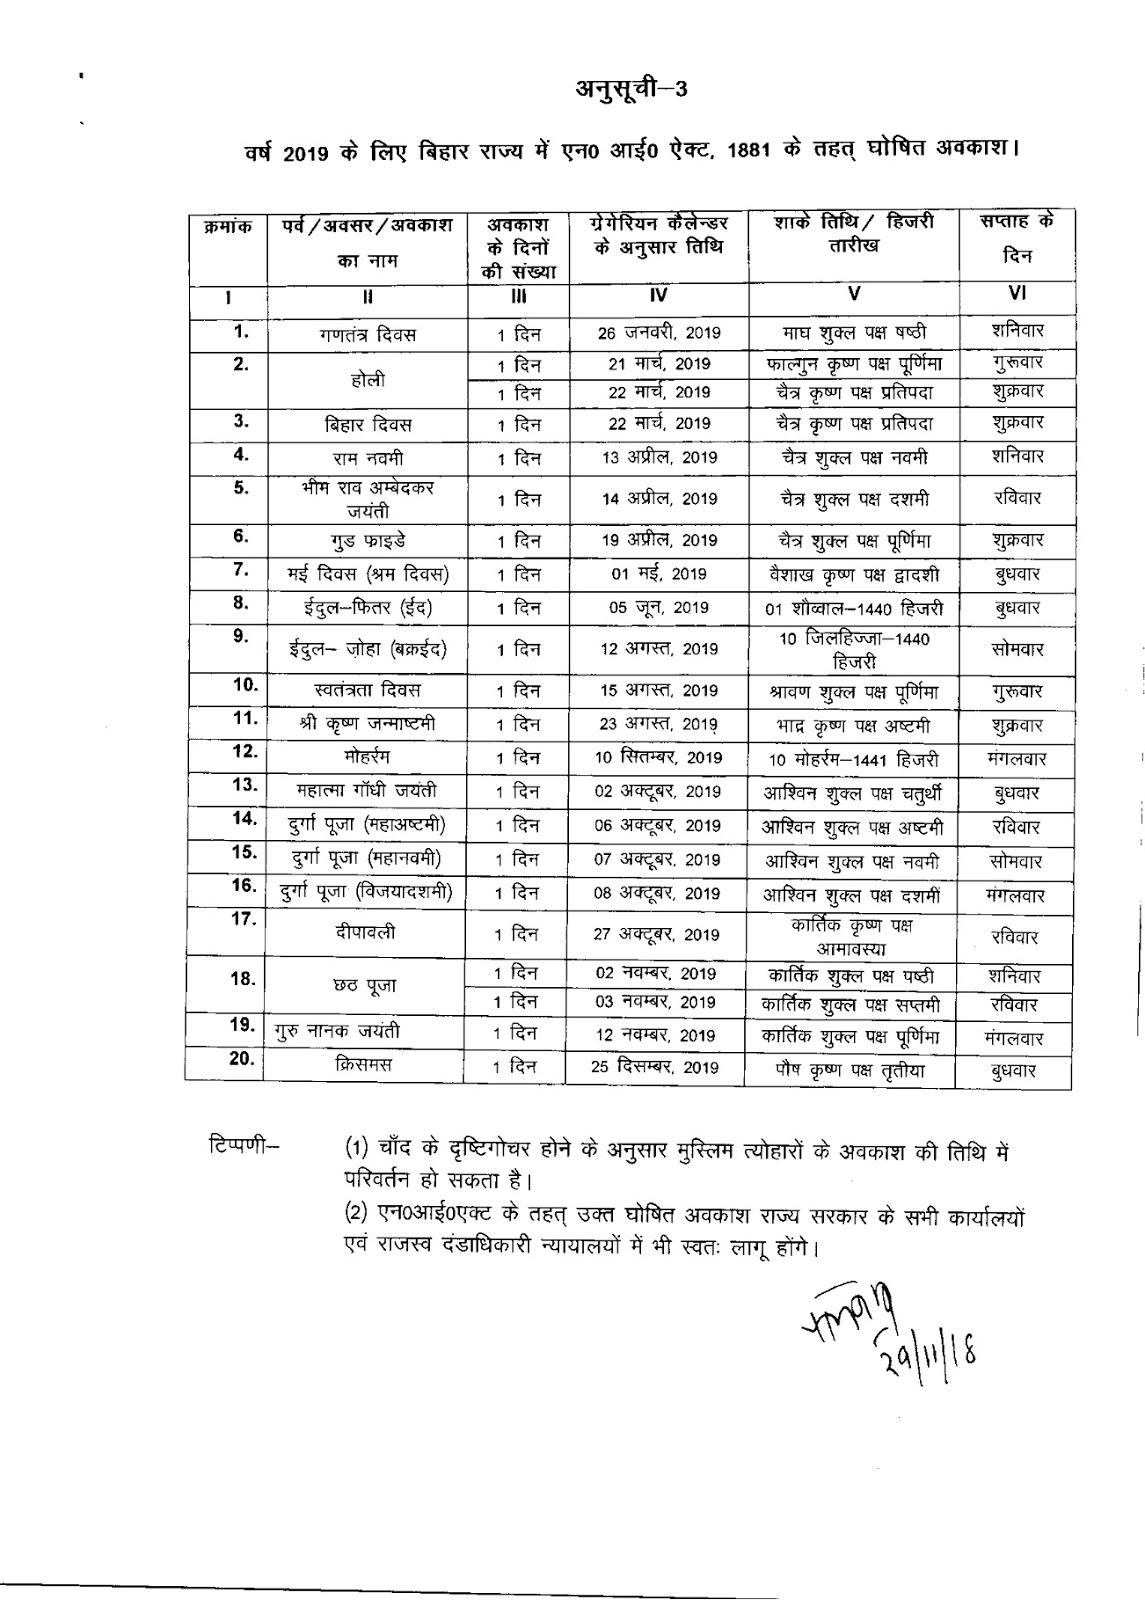 Bihar Government Calendar 2019 #Sarkariniyukti within 2018 Bihar Sarkar Calendar